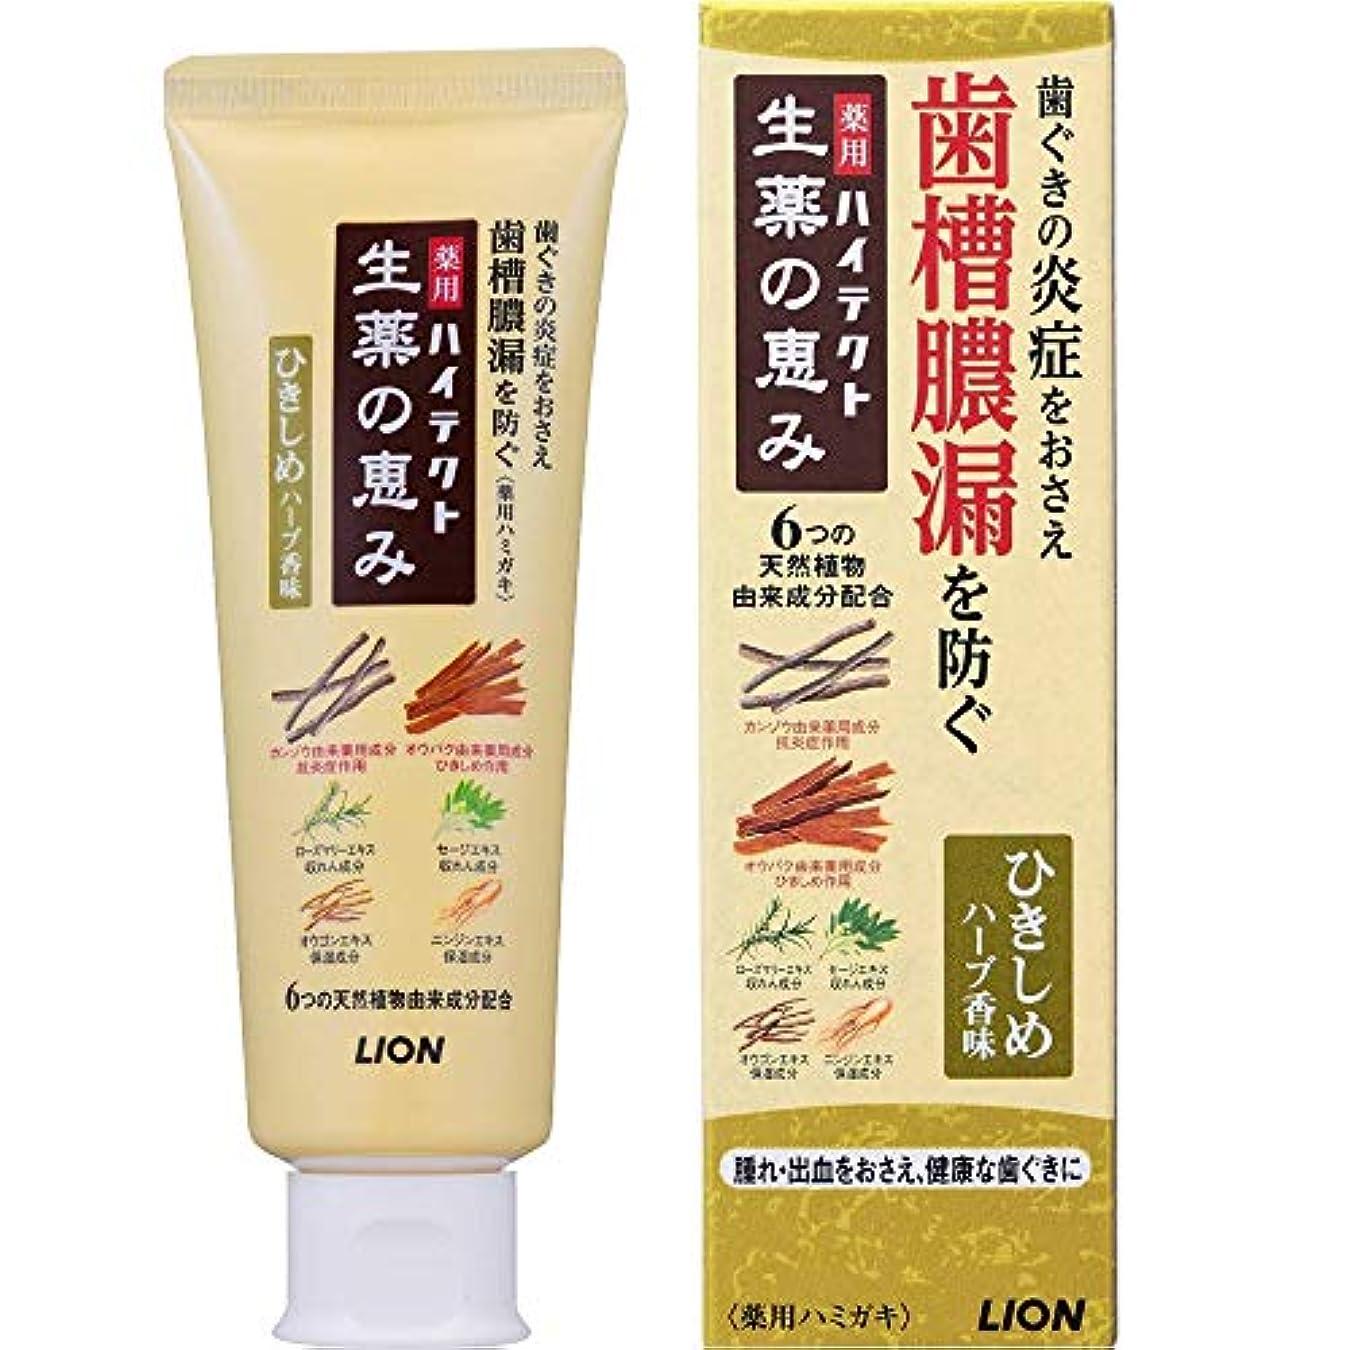 文明化する提供するナビゲーション薬用ハイテクト生薬の恵み ひきしめハーブ香味 90g (医薬部外品)